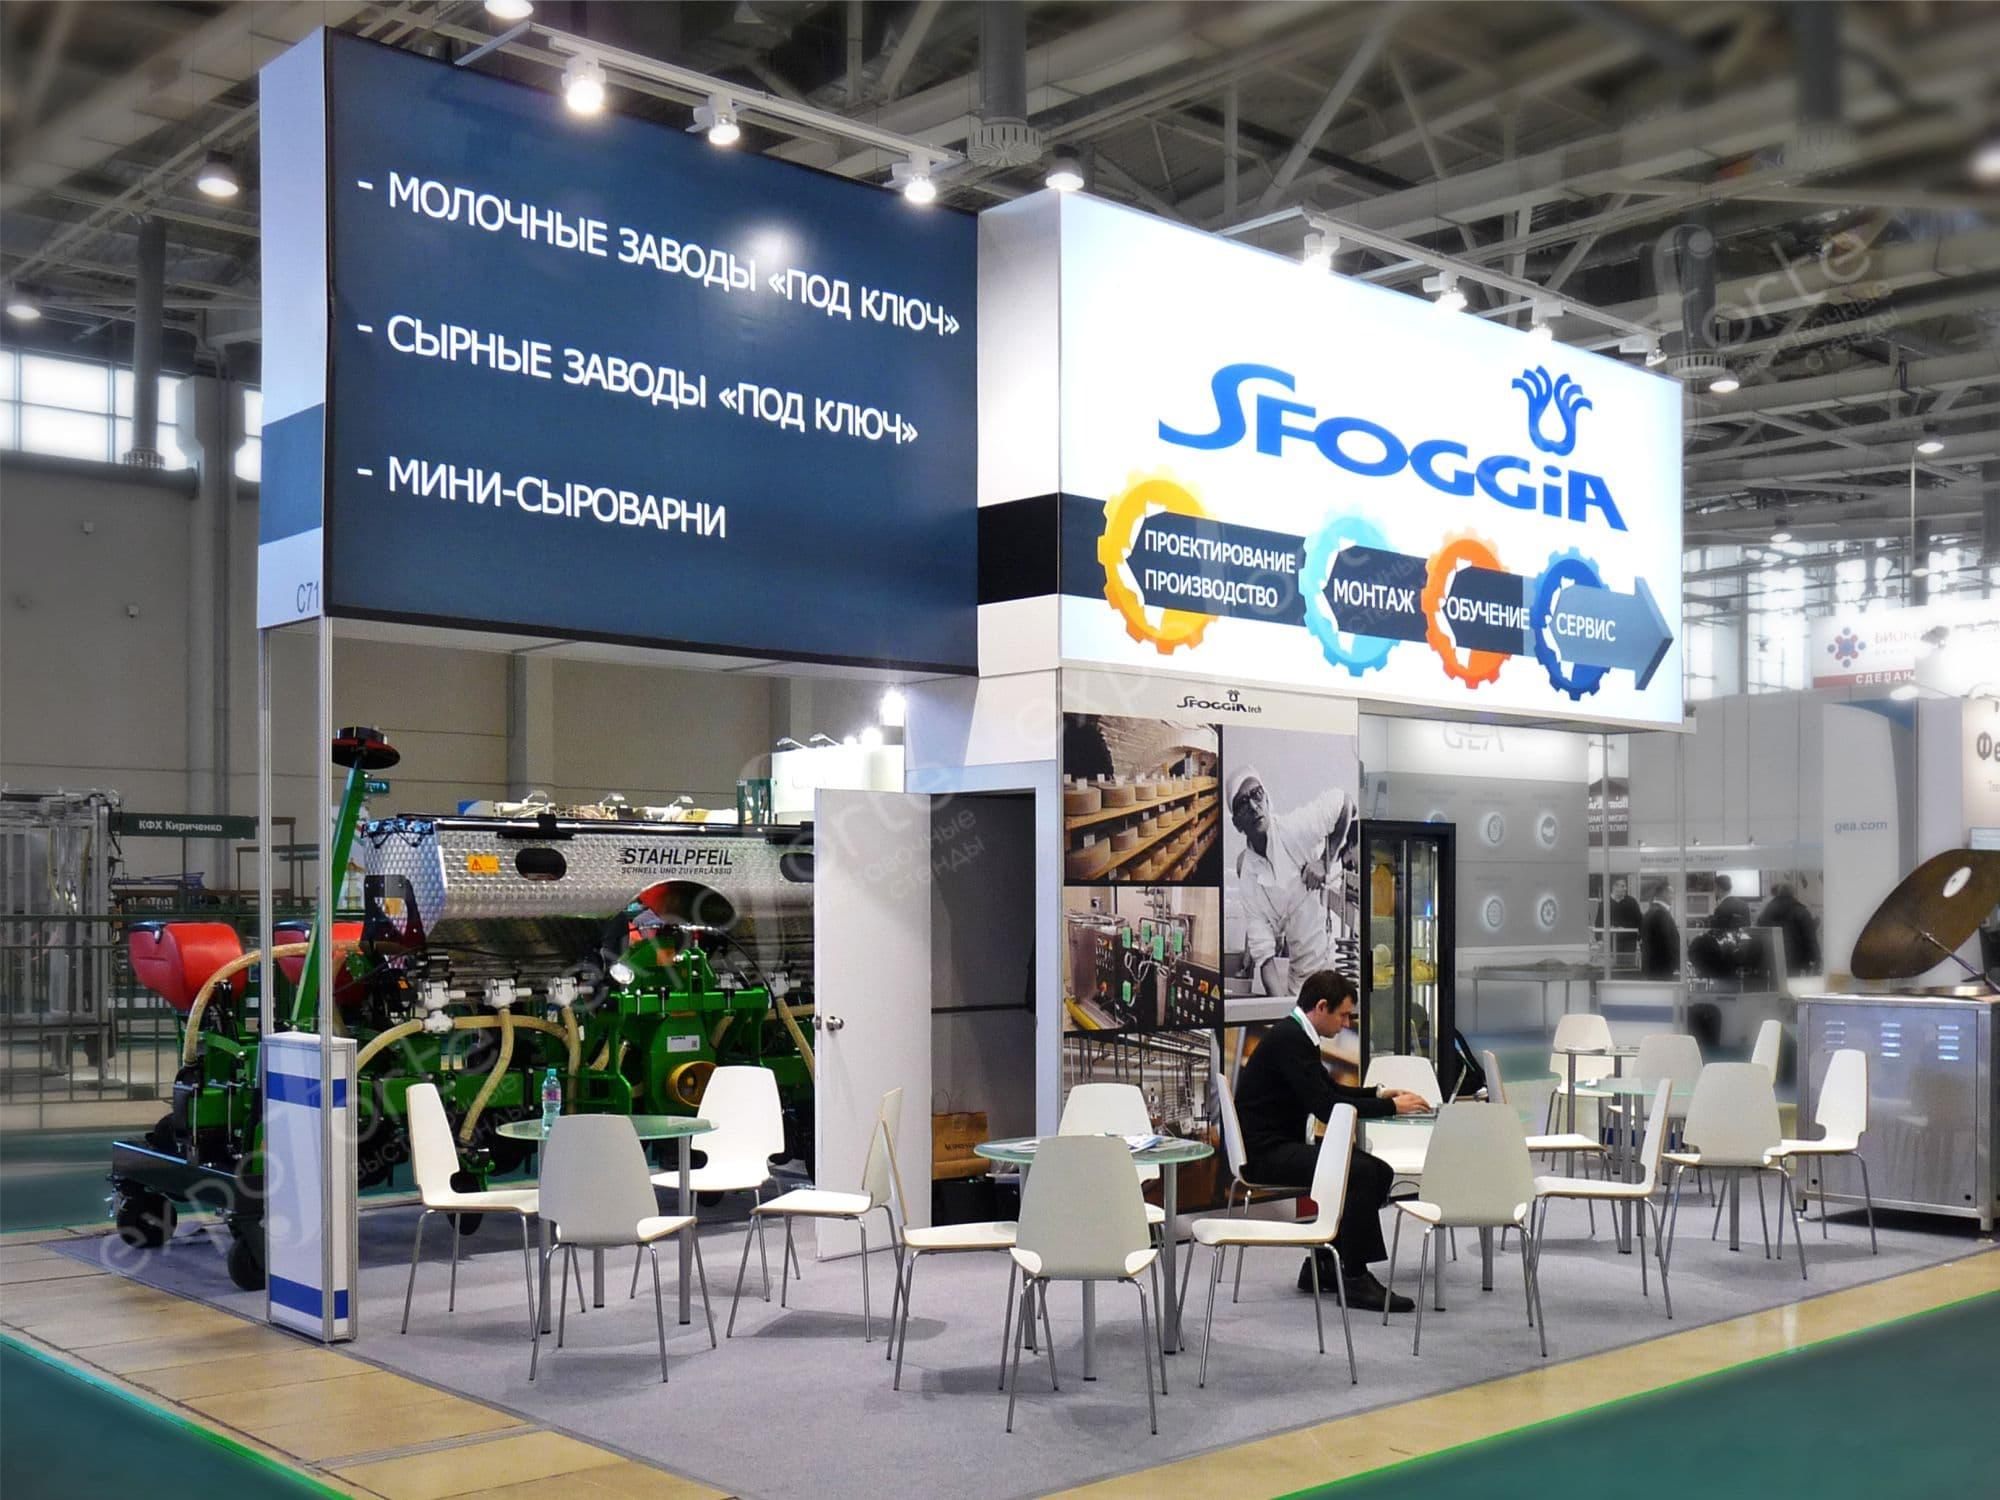 Фото: SFOGGIA, выставка Agrofarm – картинка 2